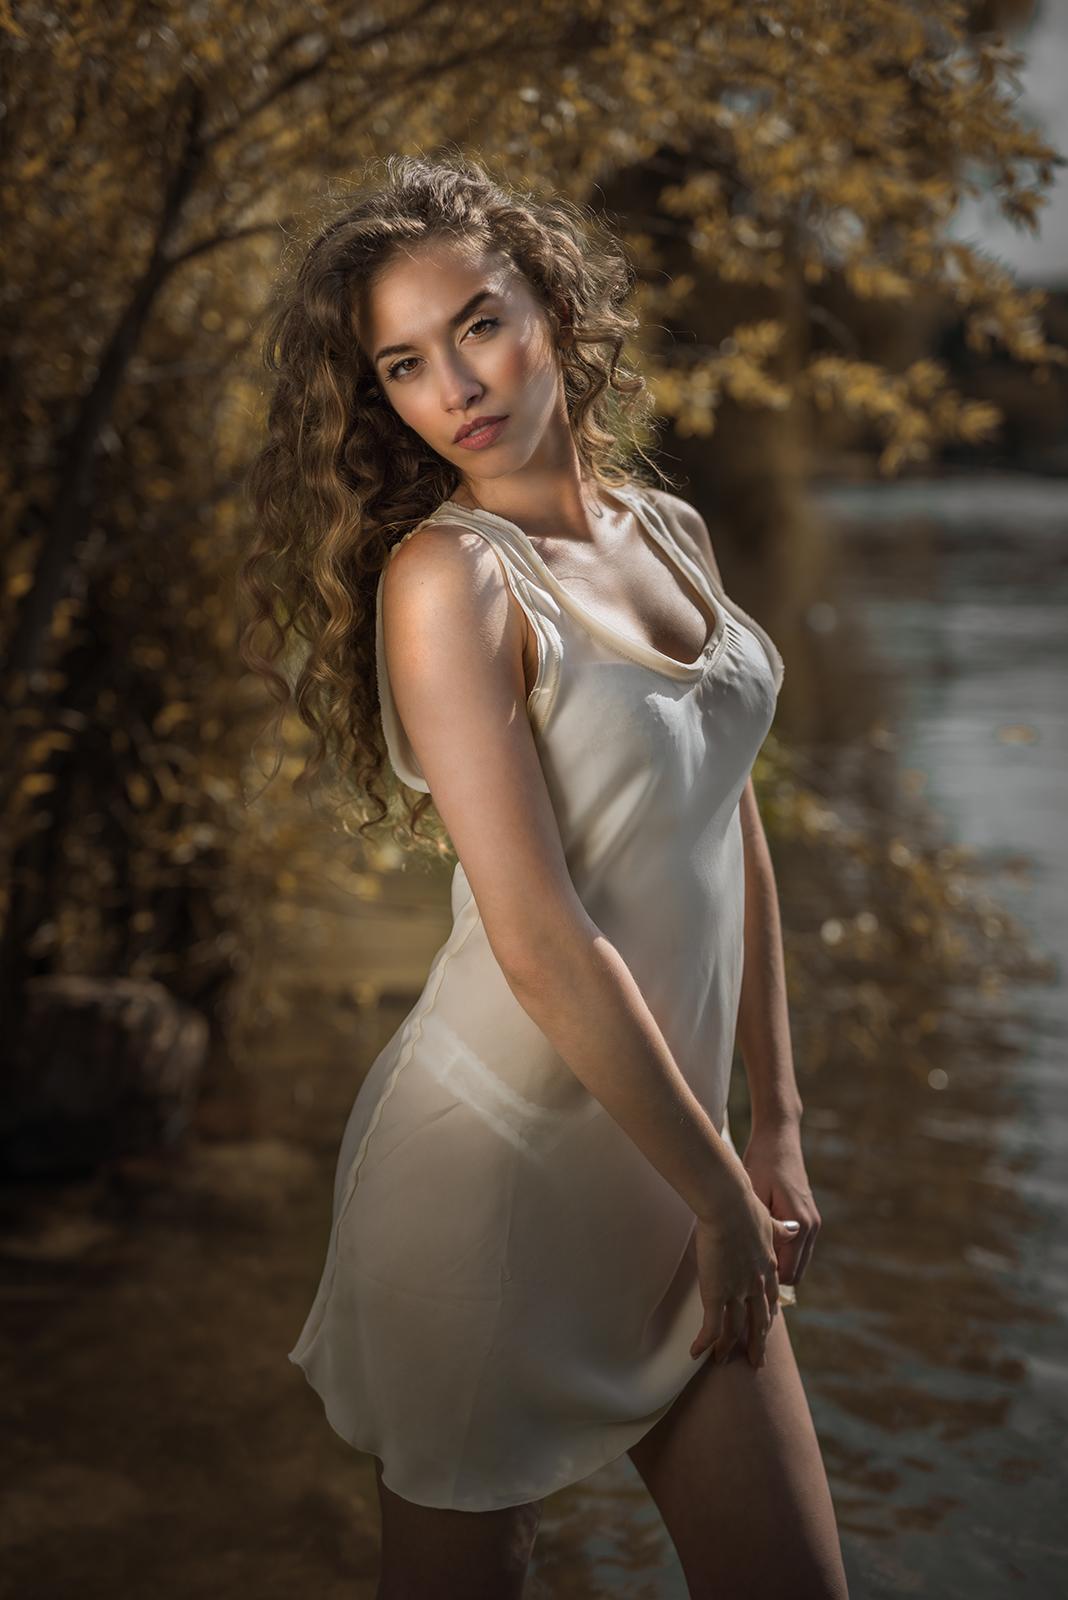 Vanessa...